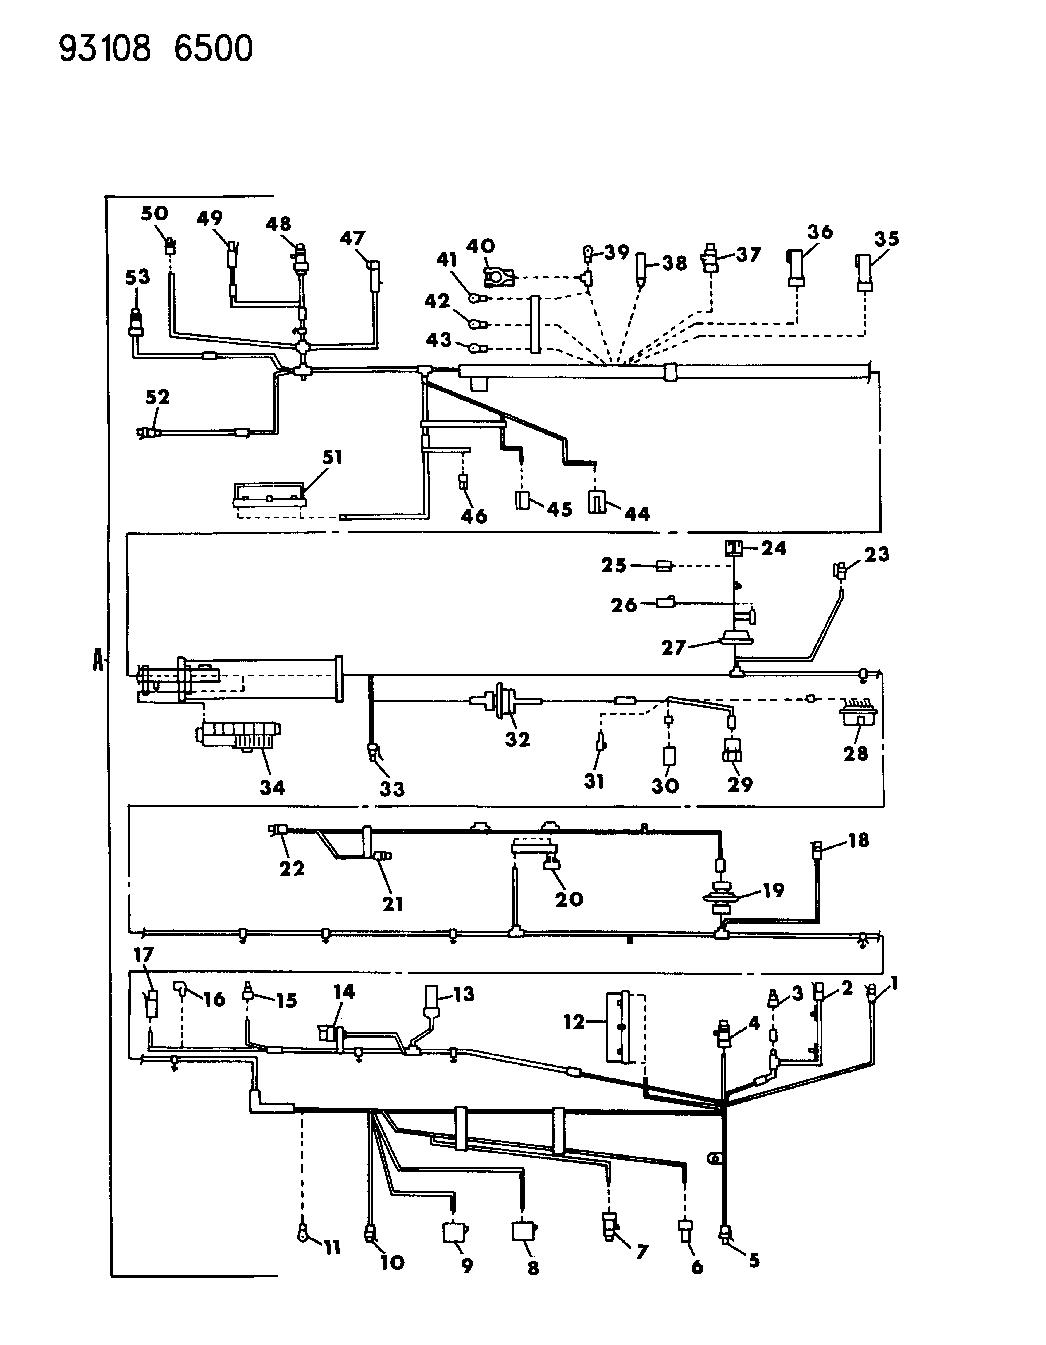 1993 chrysler lebaron wiring diagram wiring library plymouth wiring diagrams chrysler lebaron wiring diagrams #11